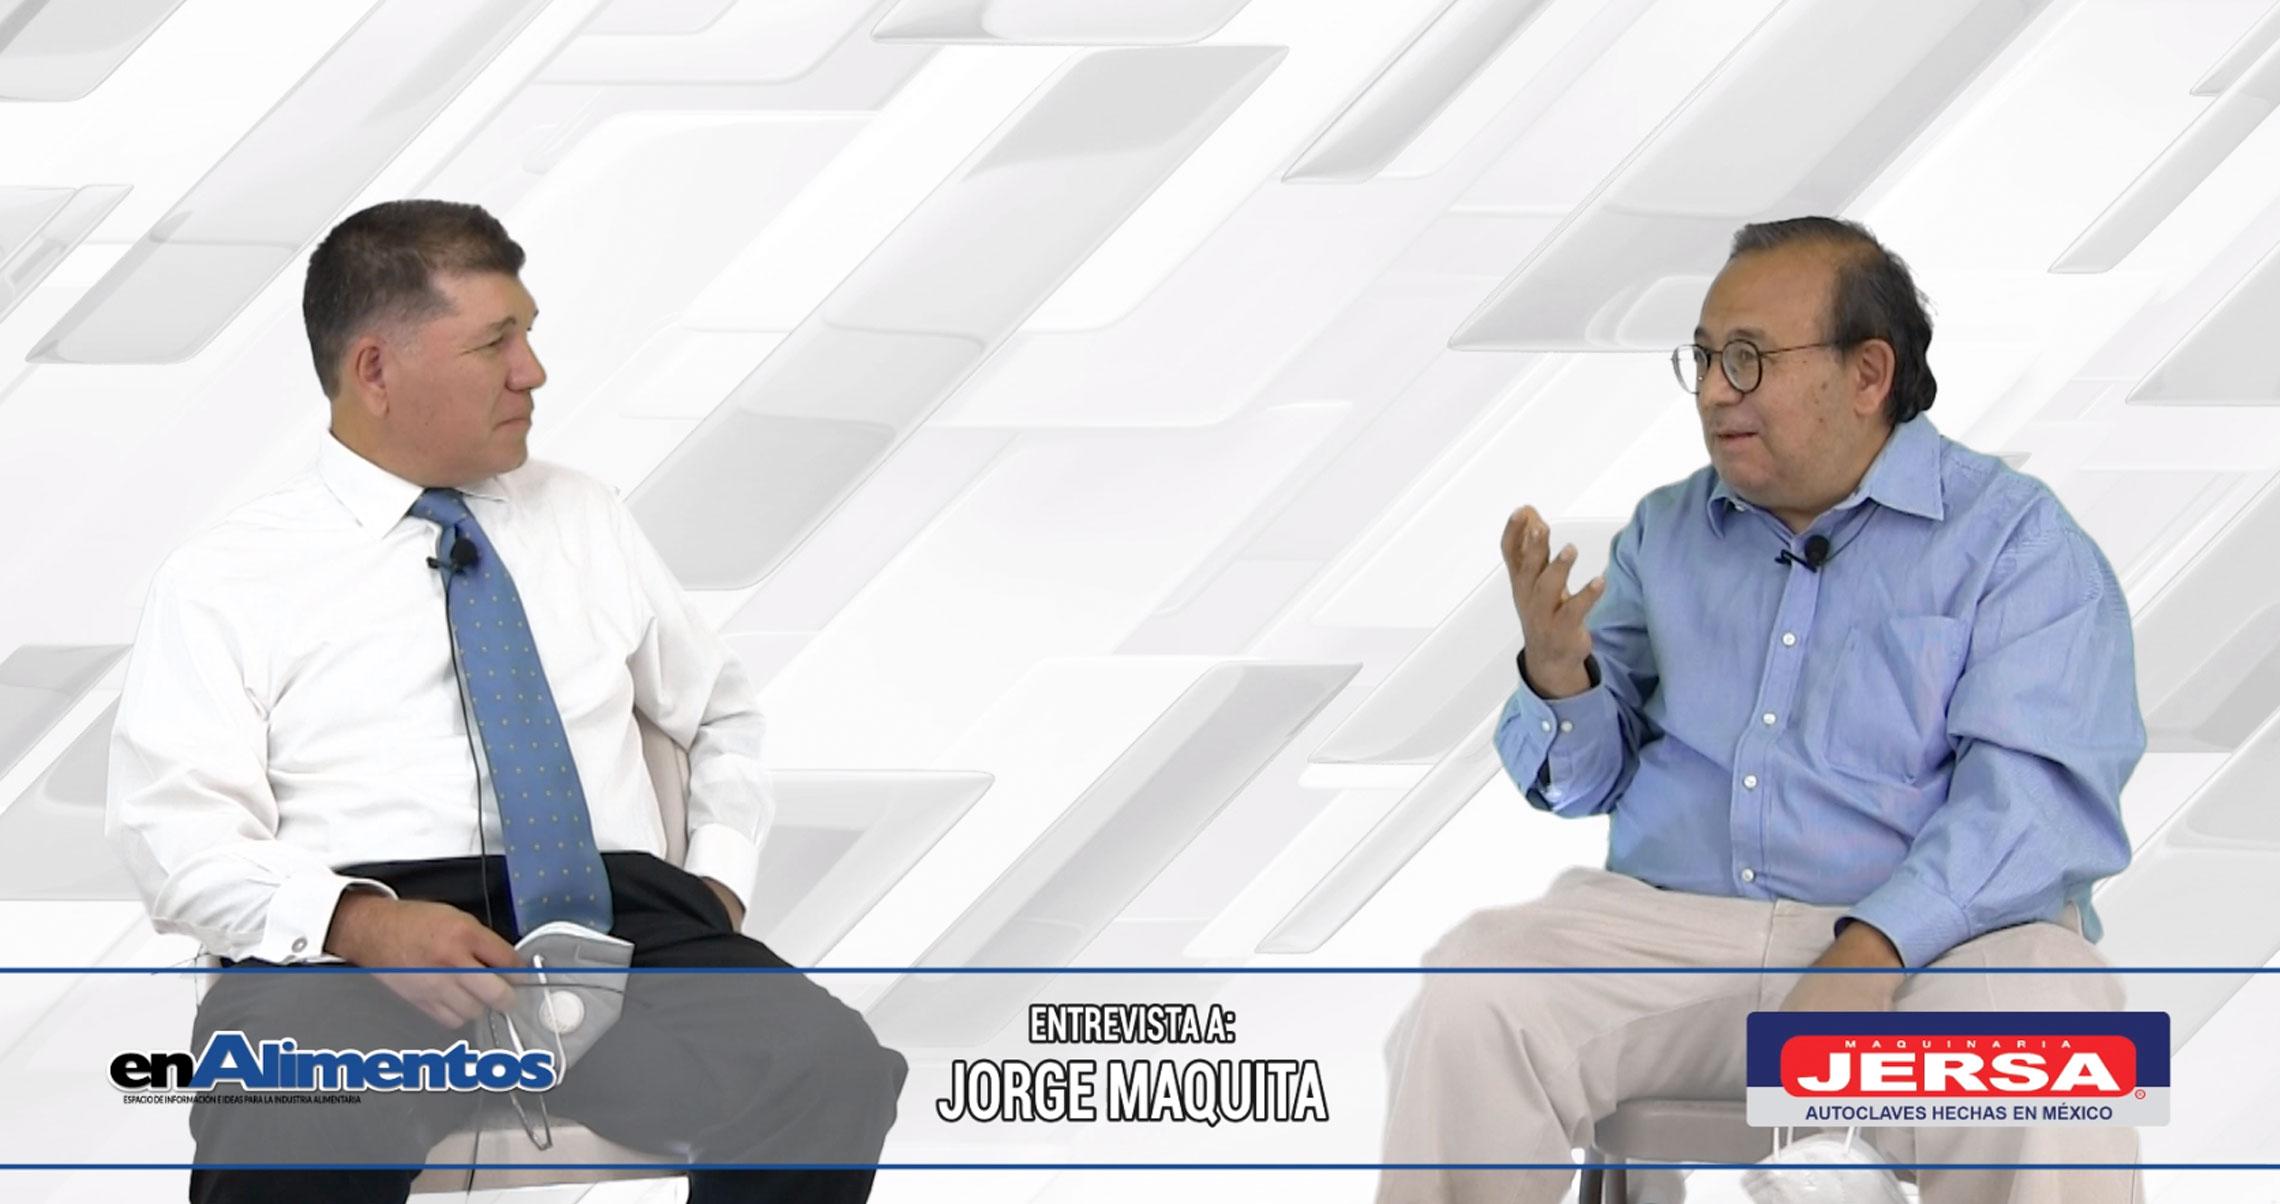 Entrevista a Jorge Maquita